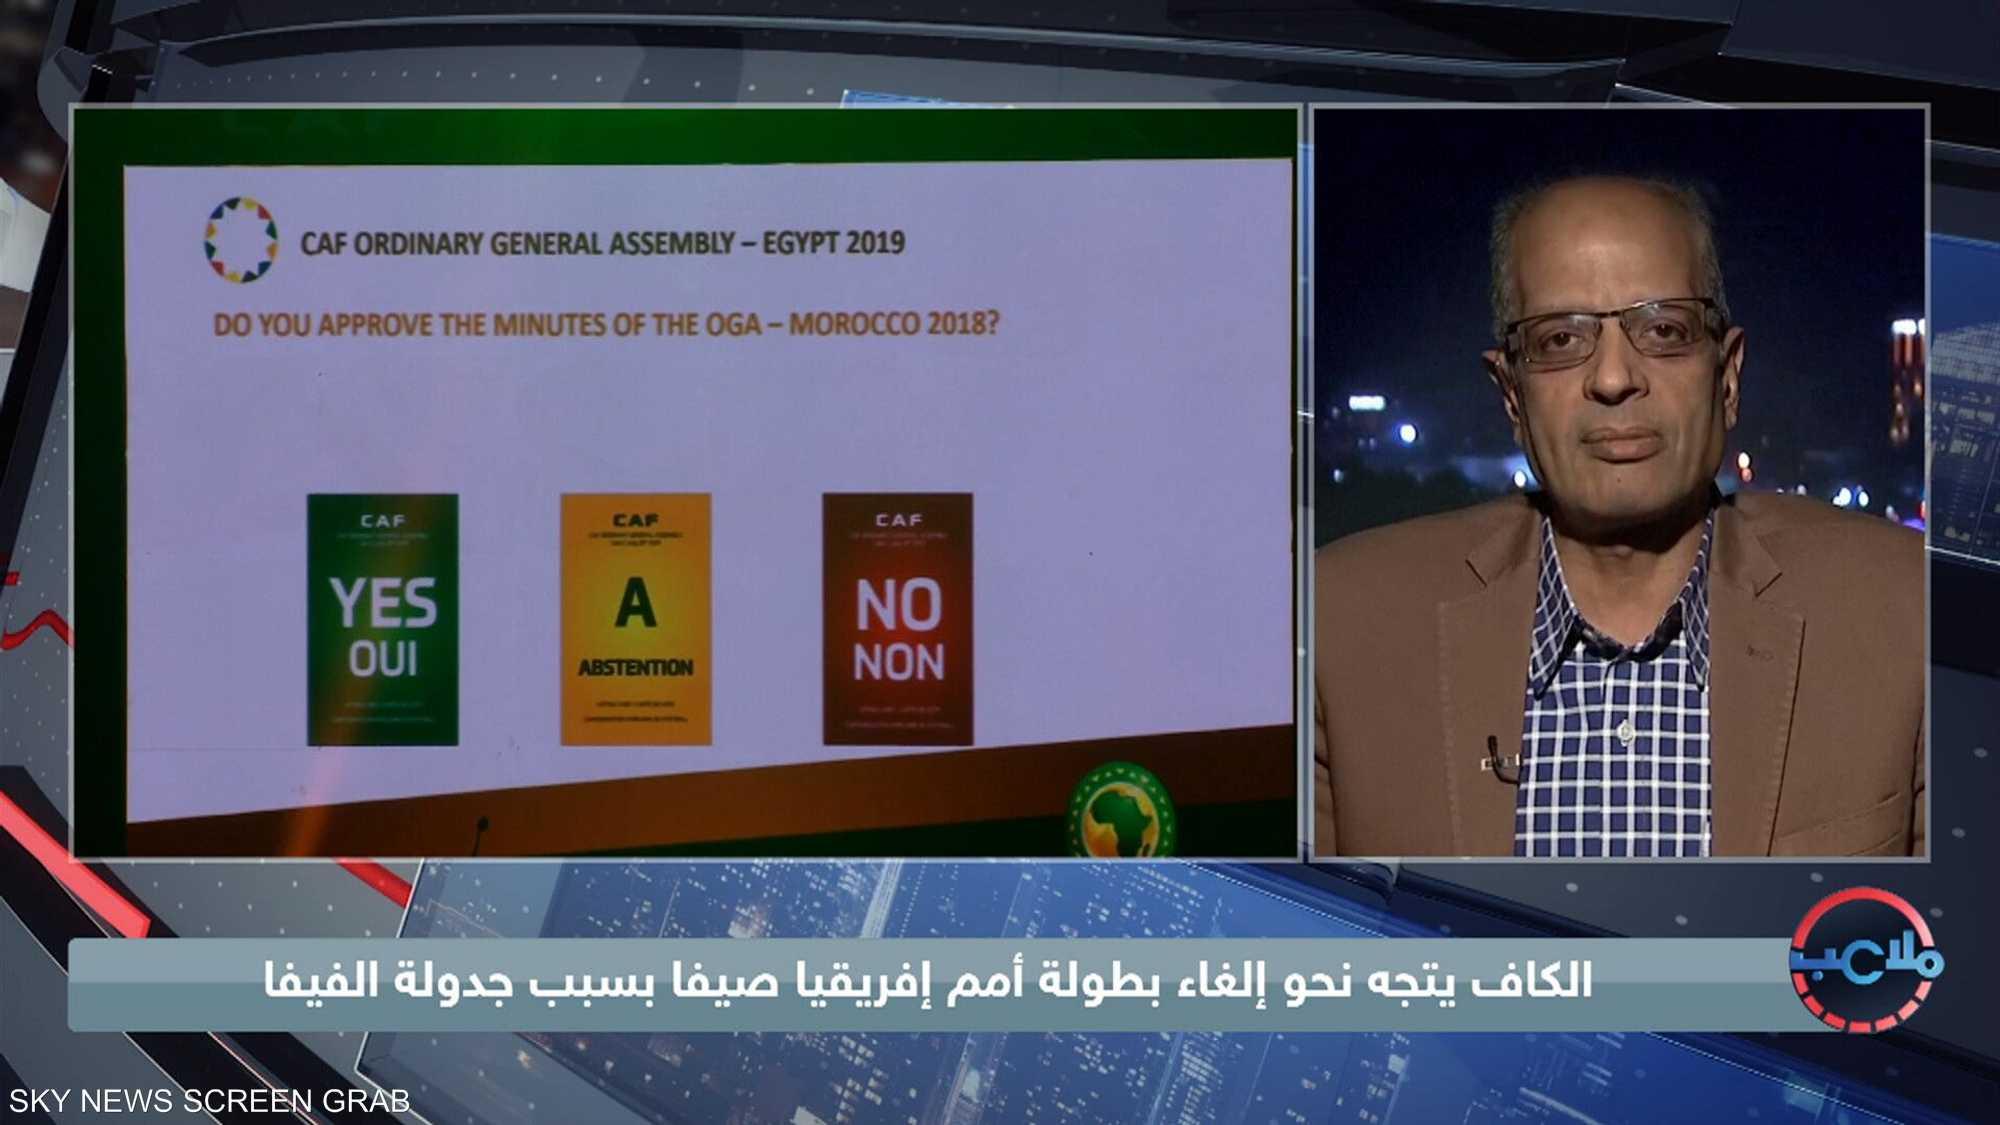 الكاف يتجه نحو إلغاء بطولة أمم إفريقيا صيفا